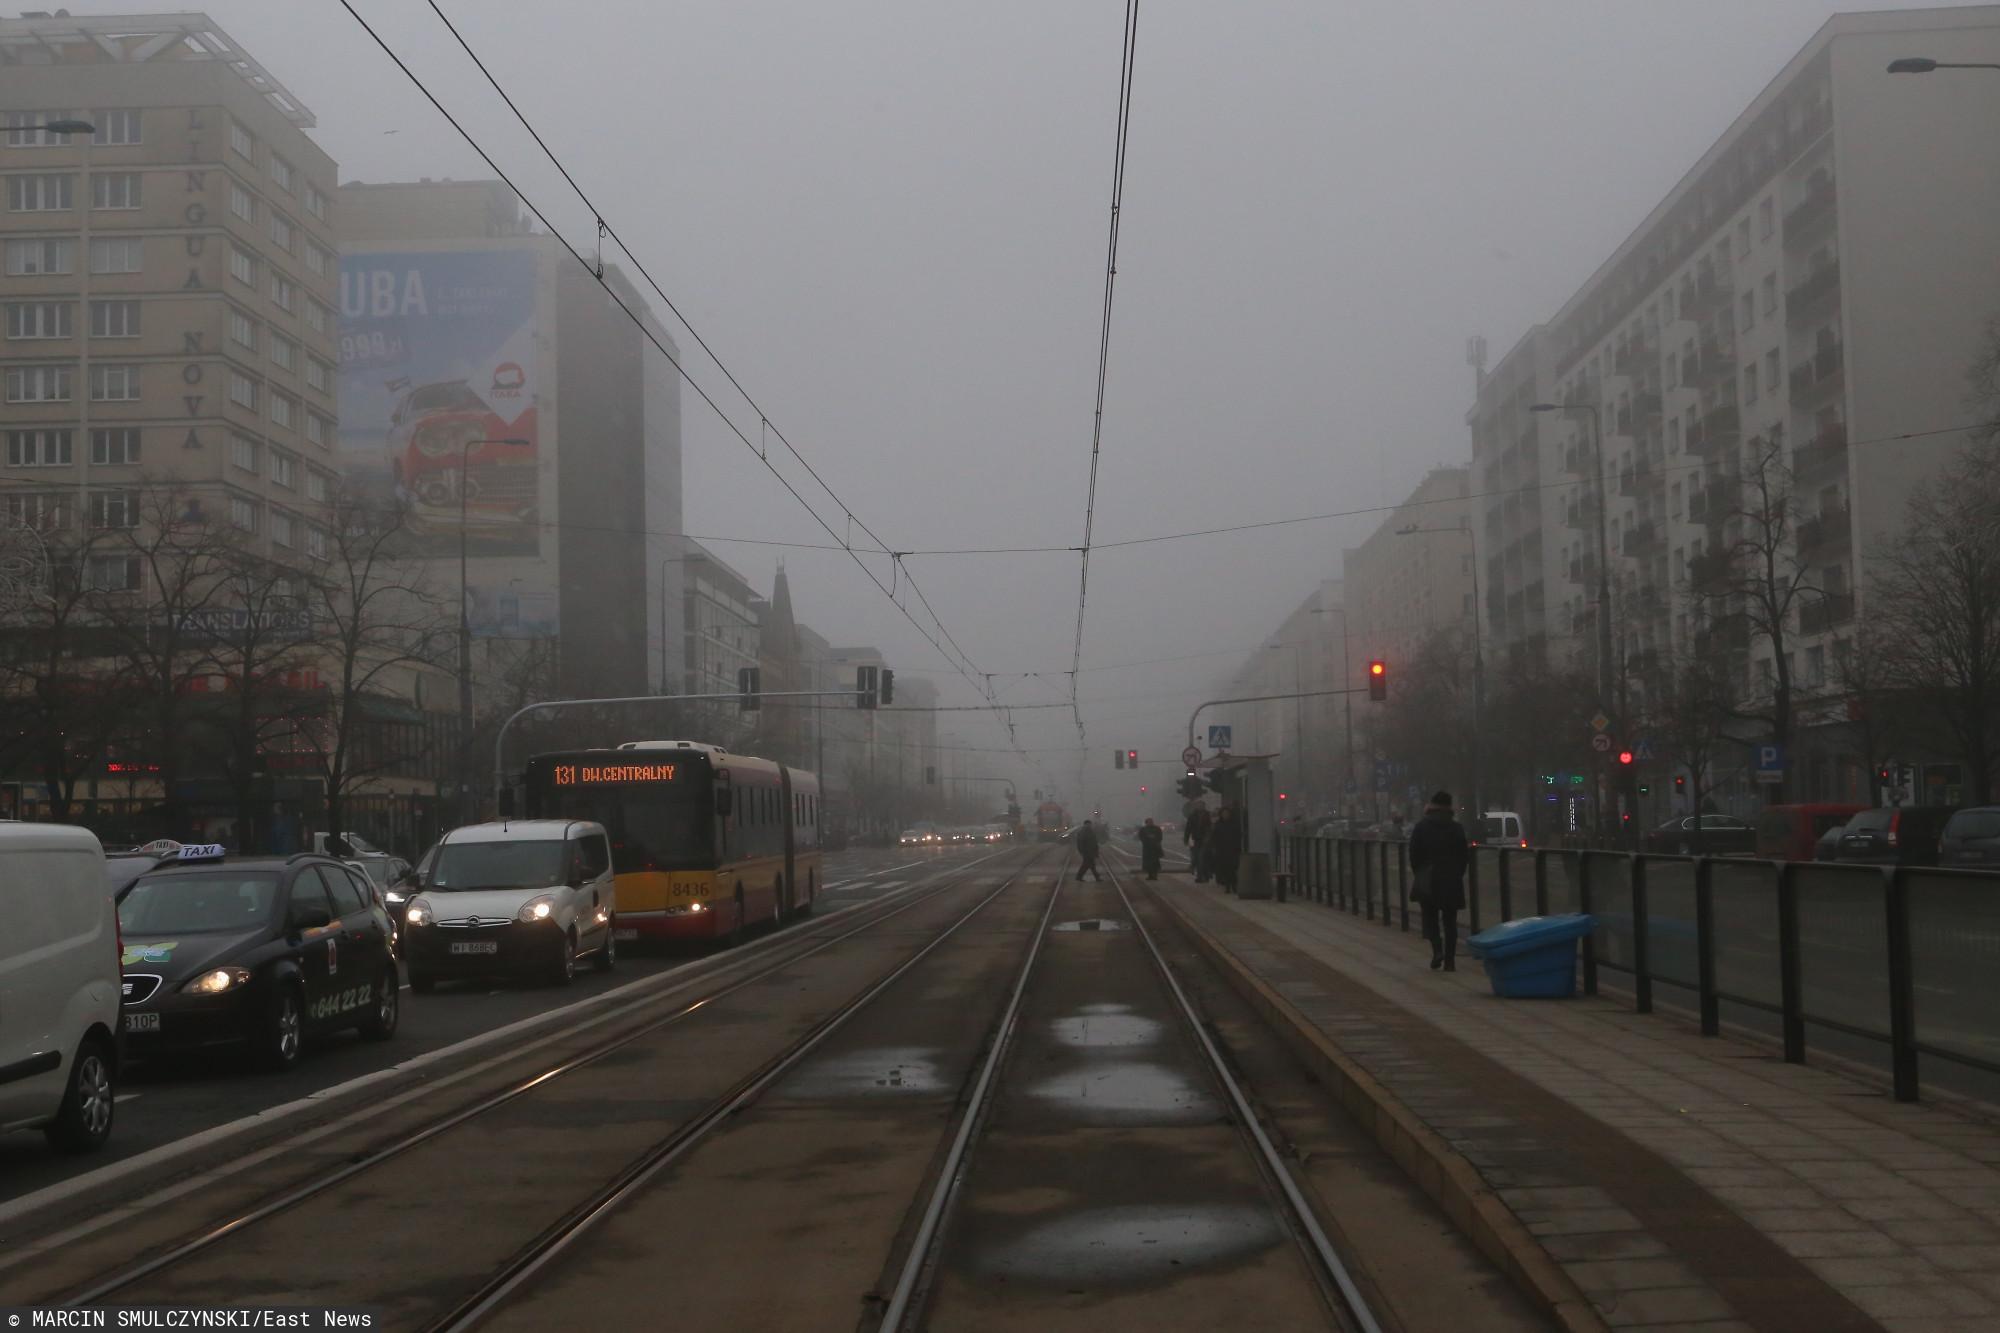 Aktualnie tylko w 3 miastach na świecie gorzej niż w Warszawie. Katastrofalne powietrze w stolicy, lepiej zamknijcie okna